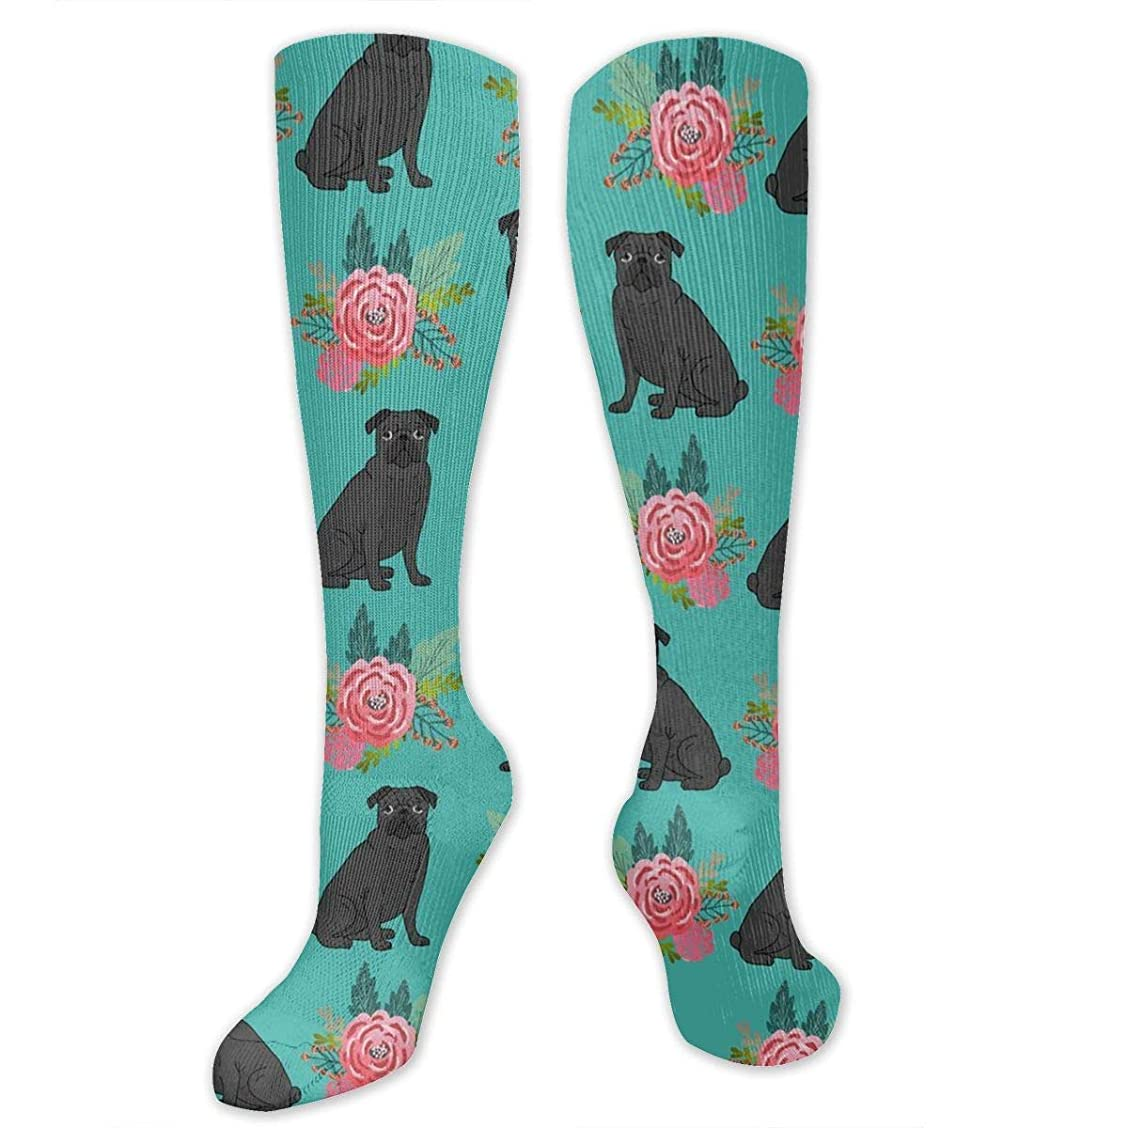 赤外線サルベージ容赦ない靴下,ストッキング,野生のジョーカー,実際,秋の本質,冬必須,サマーウェア&RBXAA Black Pug Dog Floral Socks Women's Winter Cotton Long Tube Socks Cotton Solid & Patterned Dress Socks